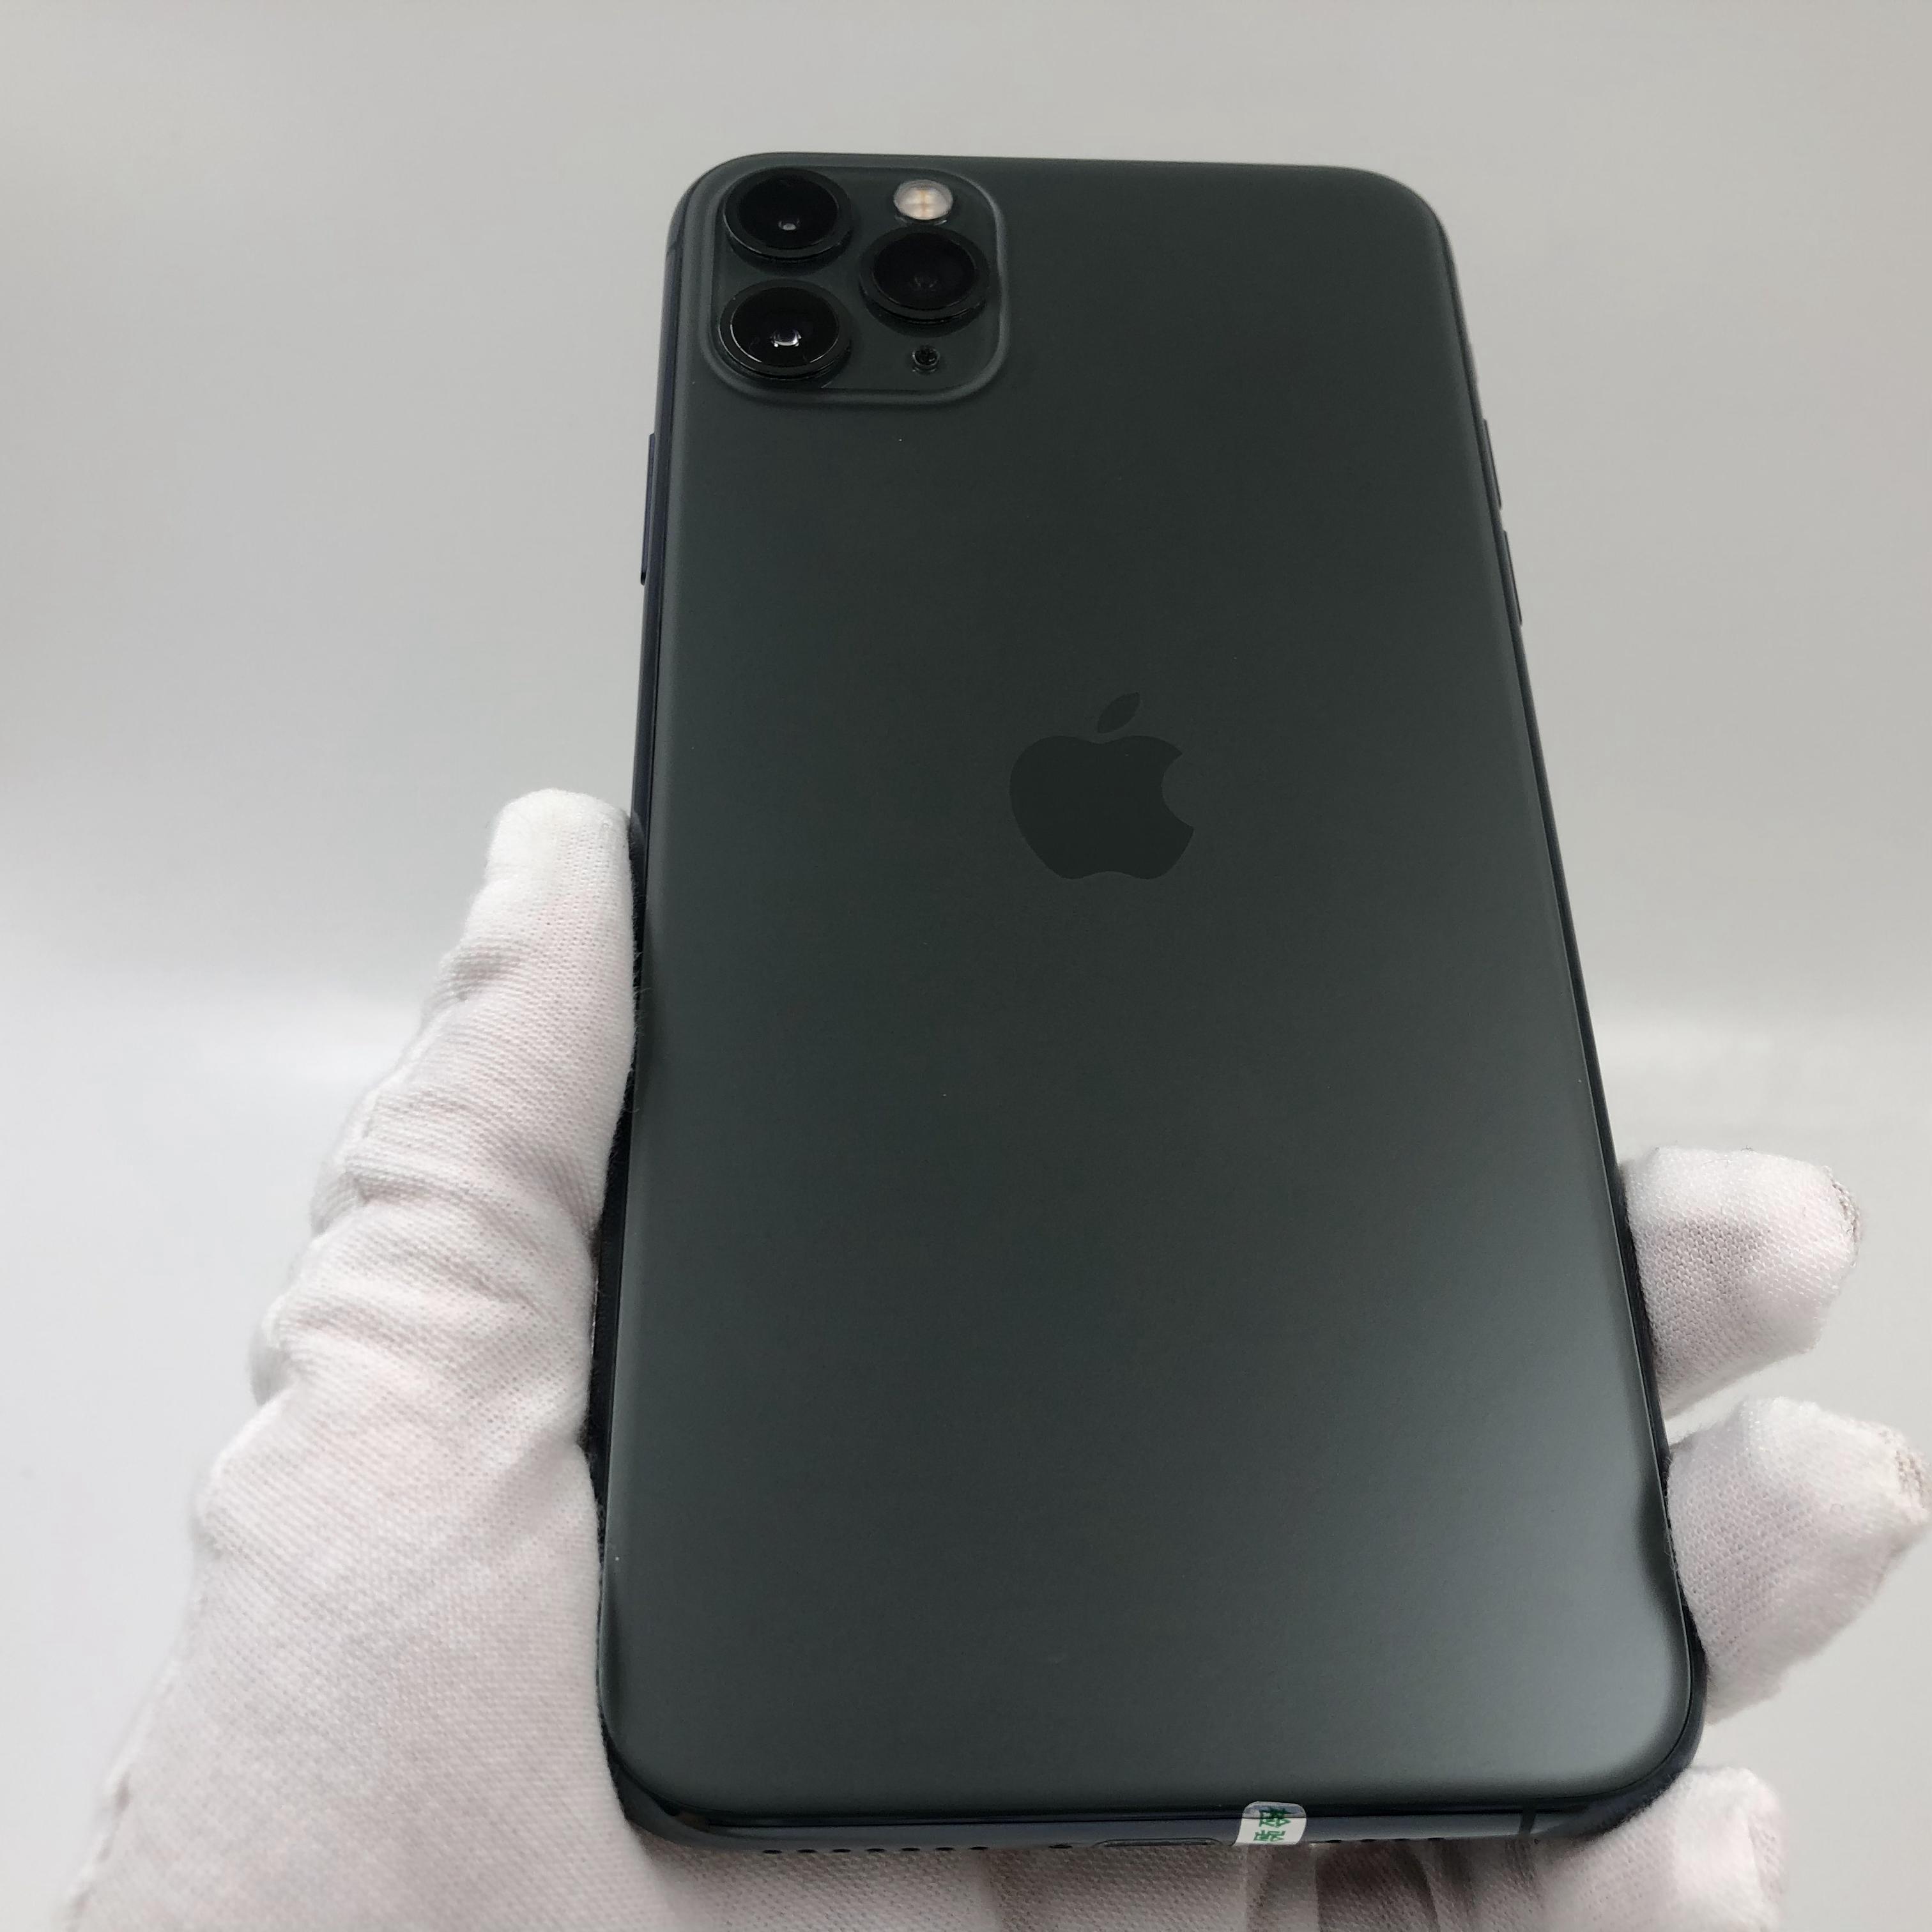 苹果【iPhone 11 Pro Max】4G全网通 暗夜绿色 256G 国行 9成新 真机实拍